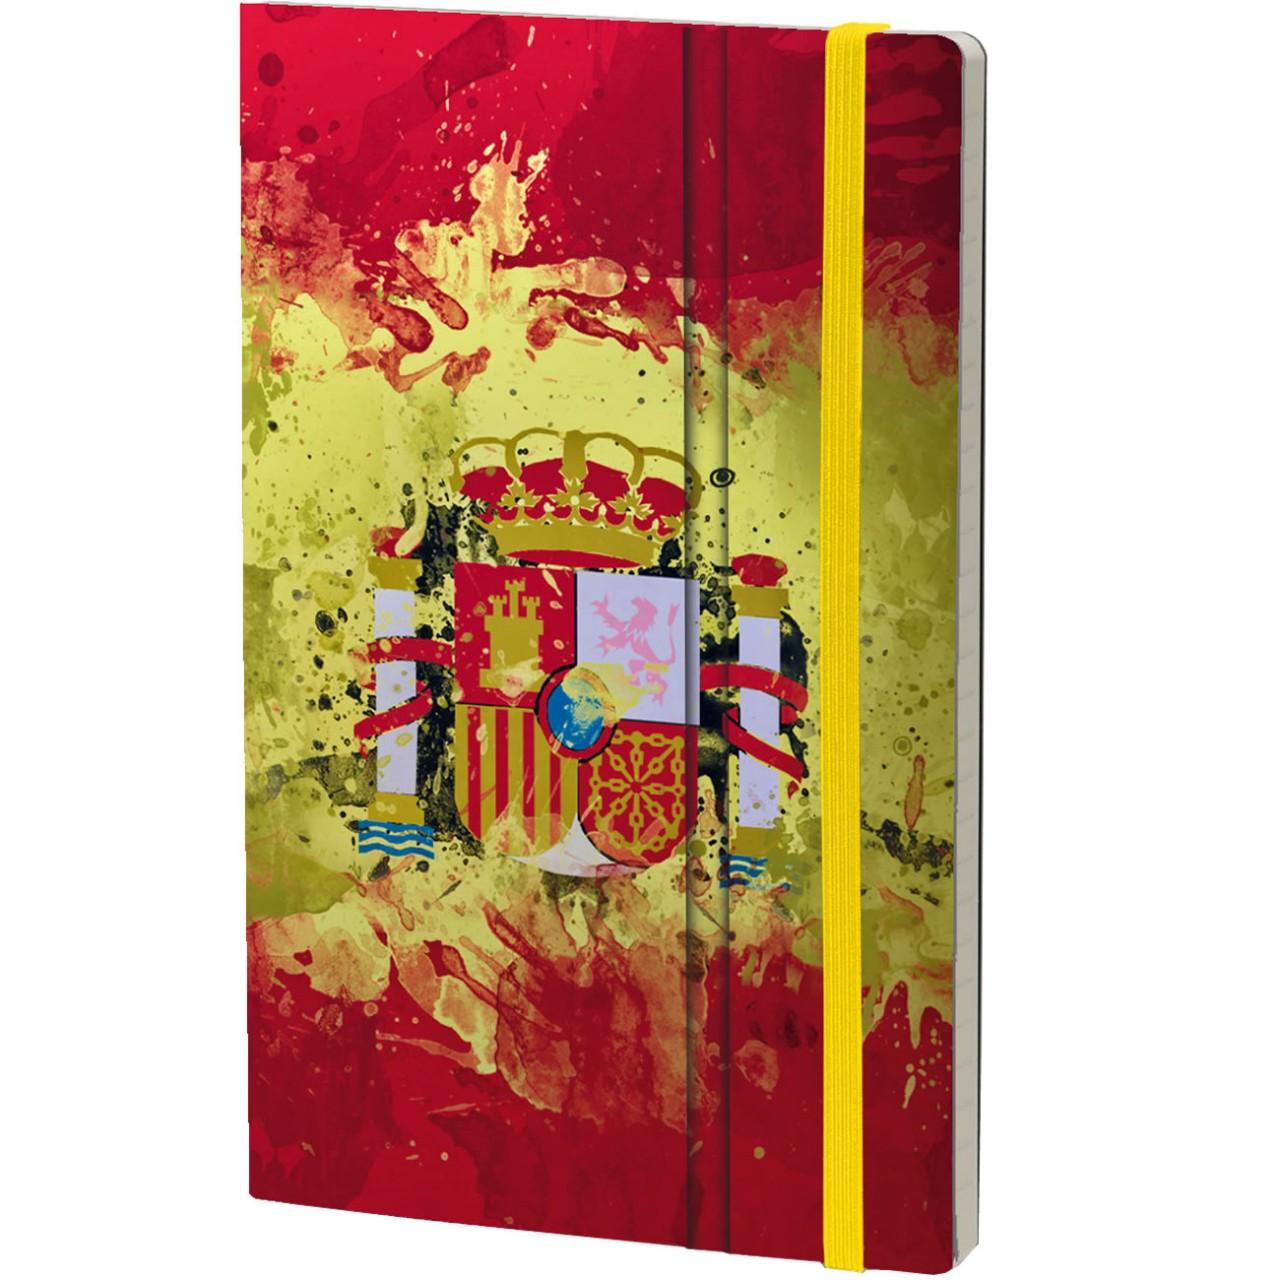 Stifflexible Notizbuch HISTORICAL NOTES 13 x 21 cm 192 S., A VIVIR QUE SON DOS DÍAS (Spain Flag)